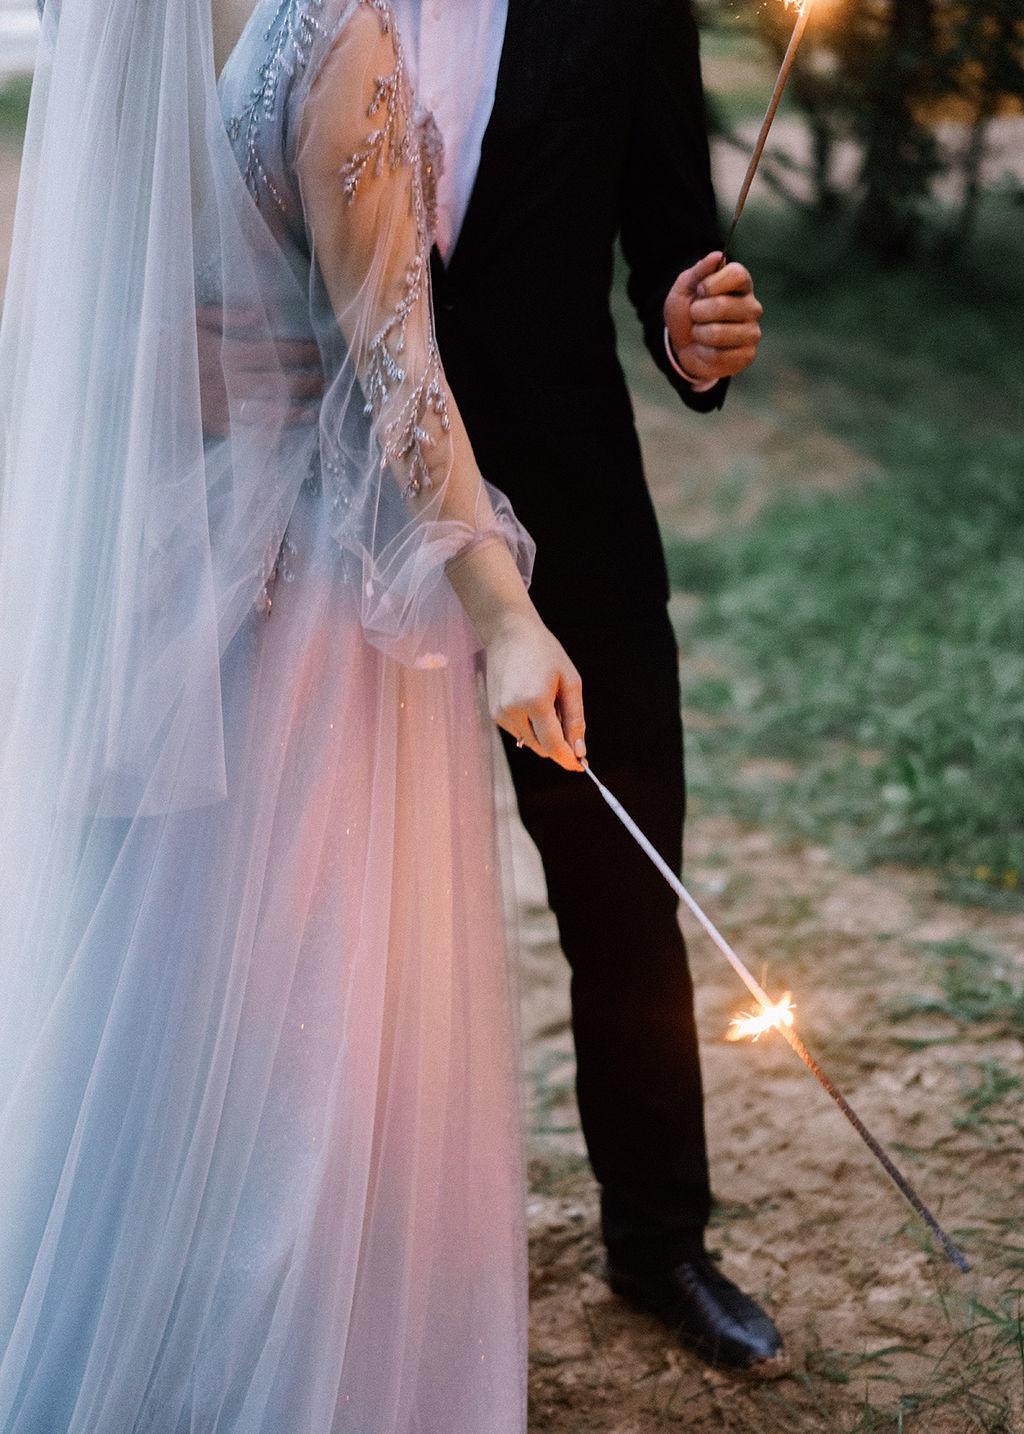 В духе Петербурга: камерная свадьба с вечерней церемонией